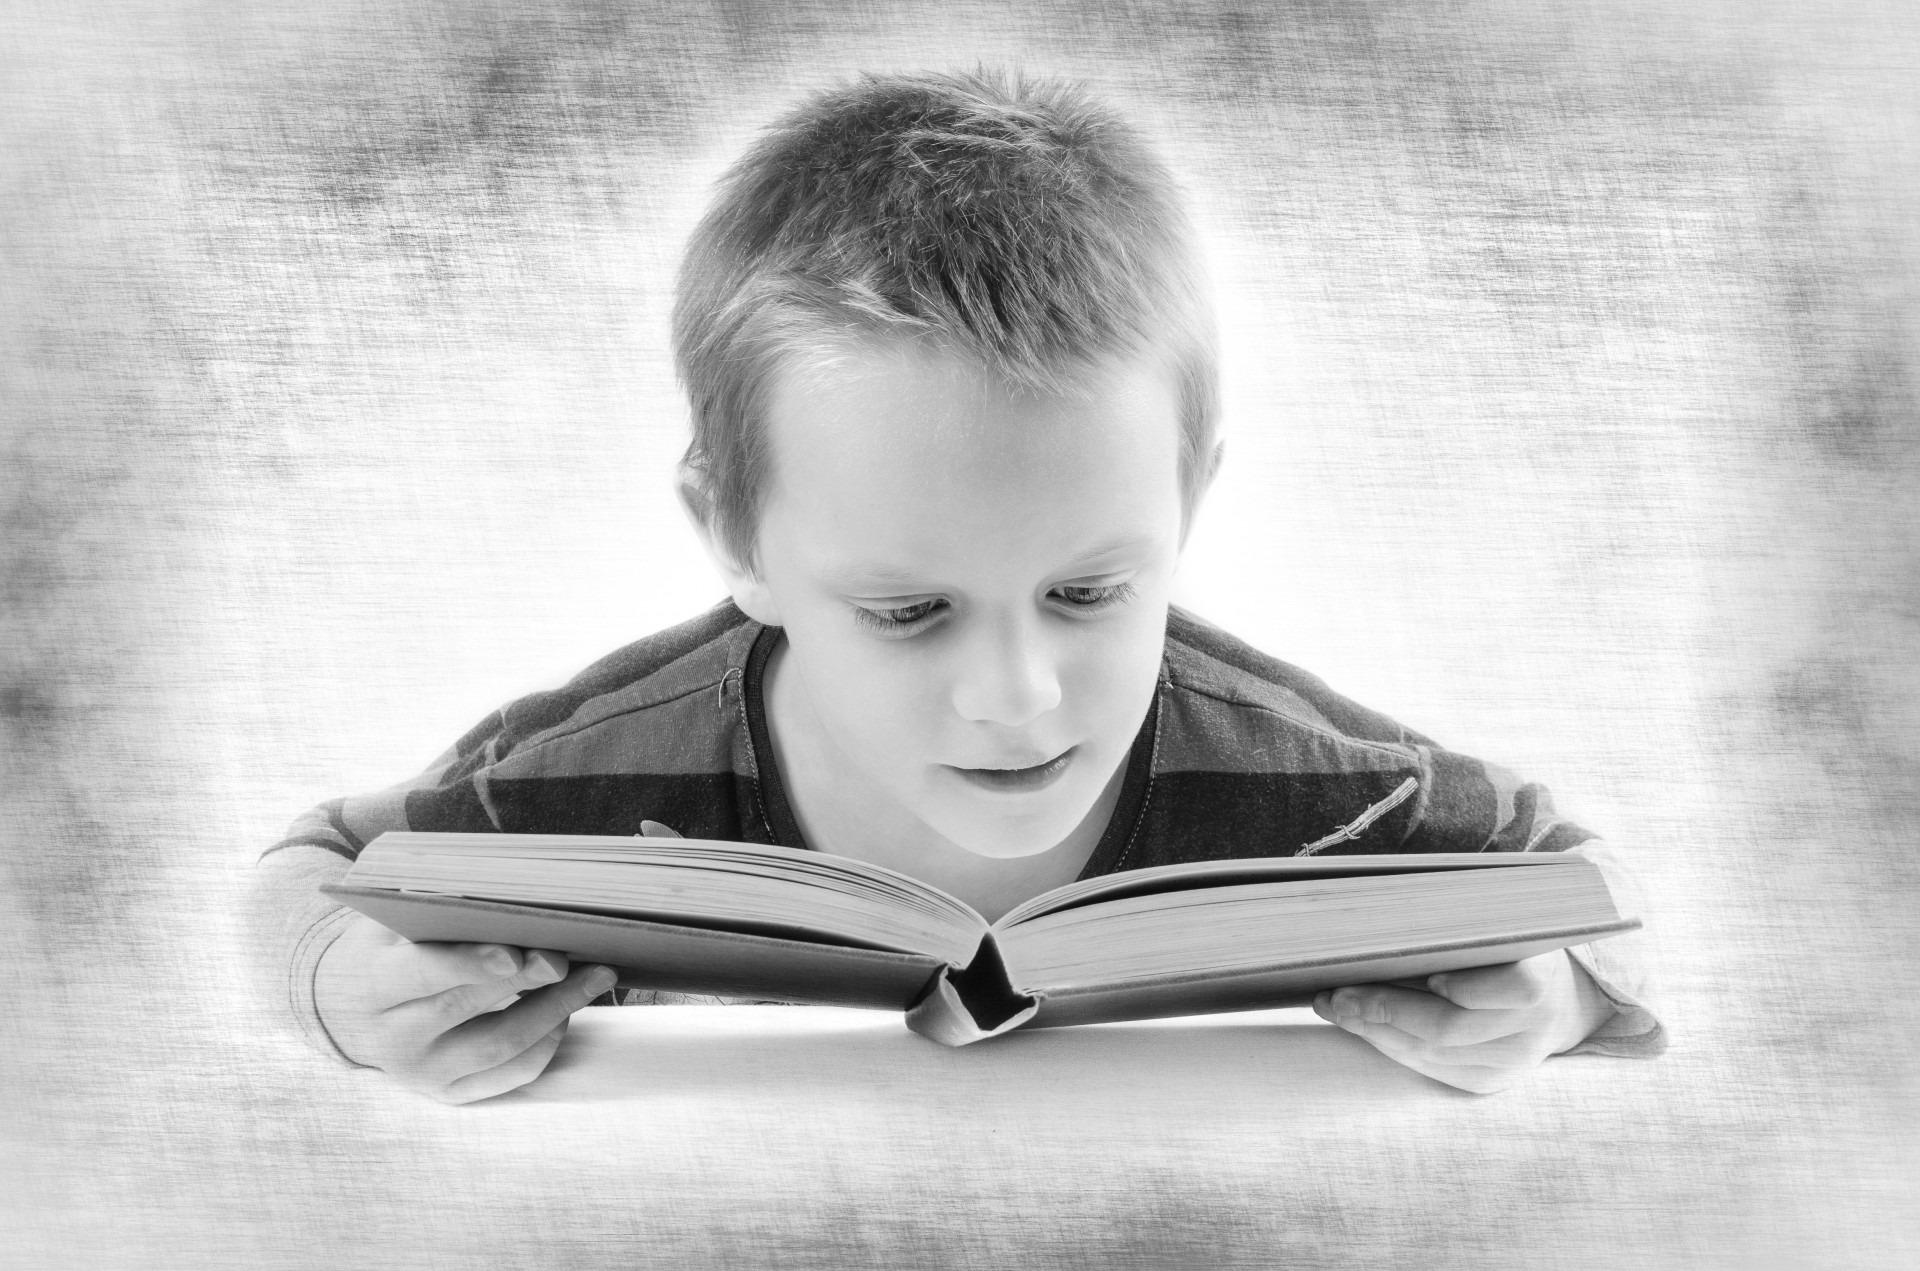 Gambar Book Baca Baca Orang Hitam Dan Putih Orang